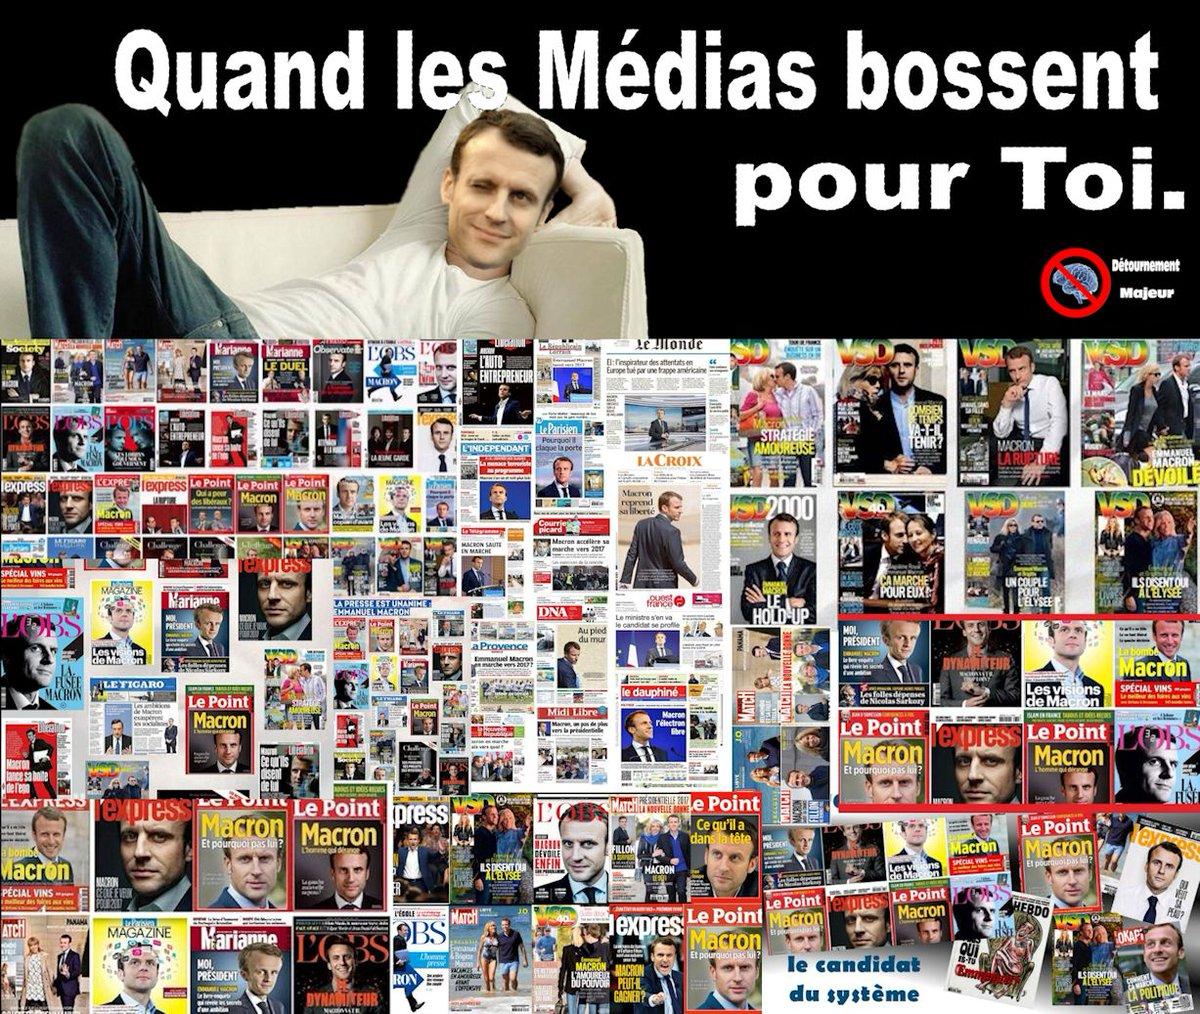 #macron , quand les médias bossent pour toi. #Presidentielle2017 #BFMTV